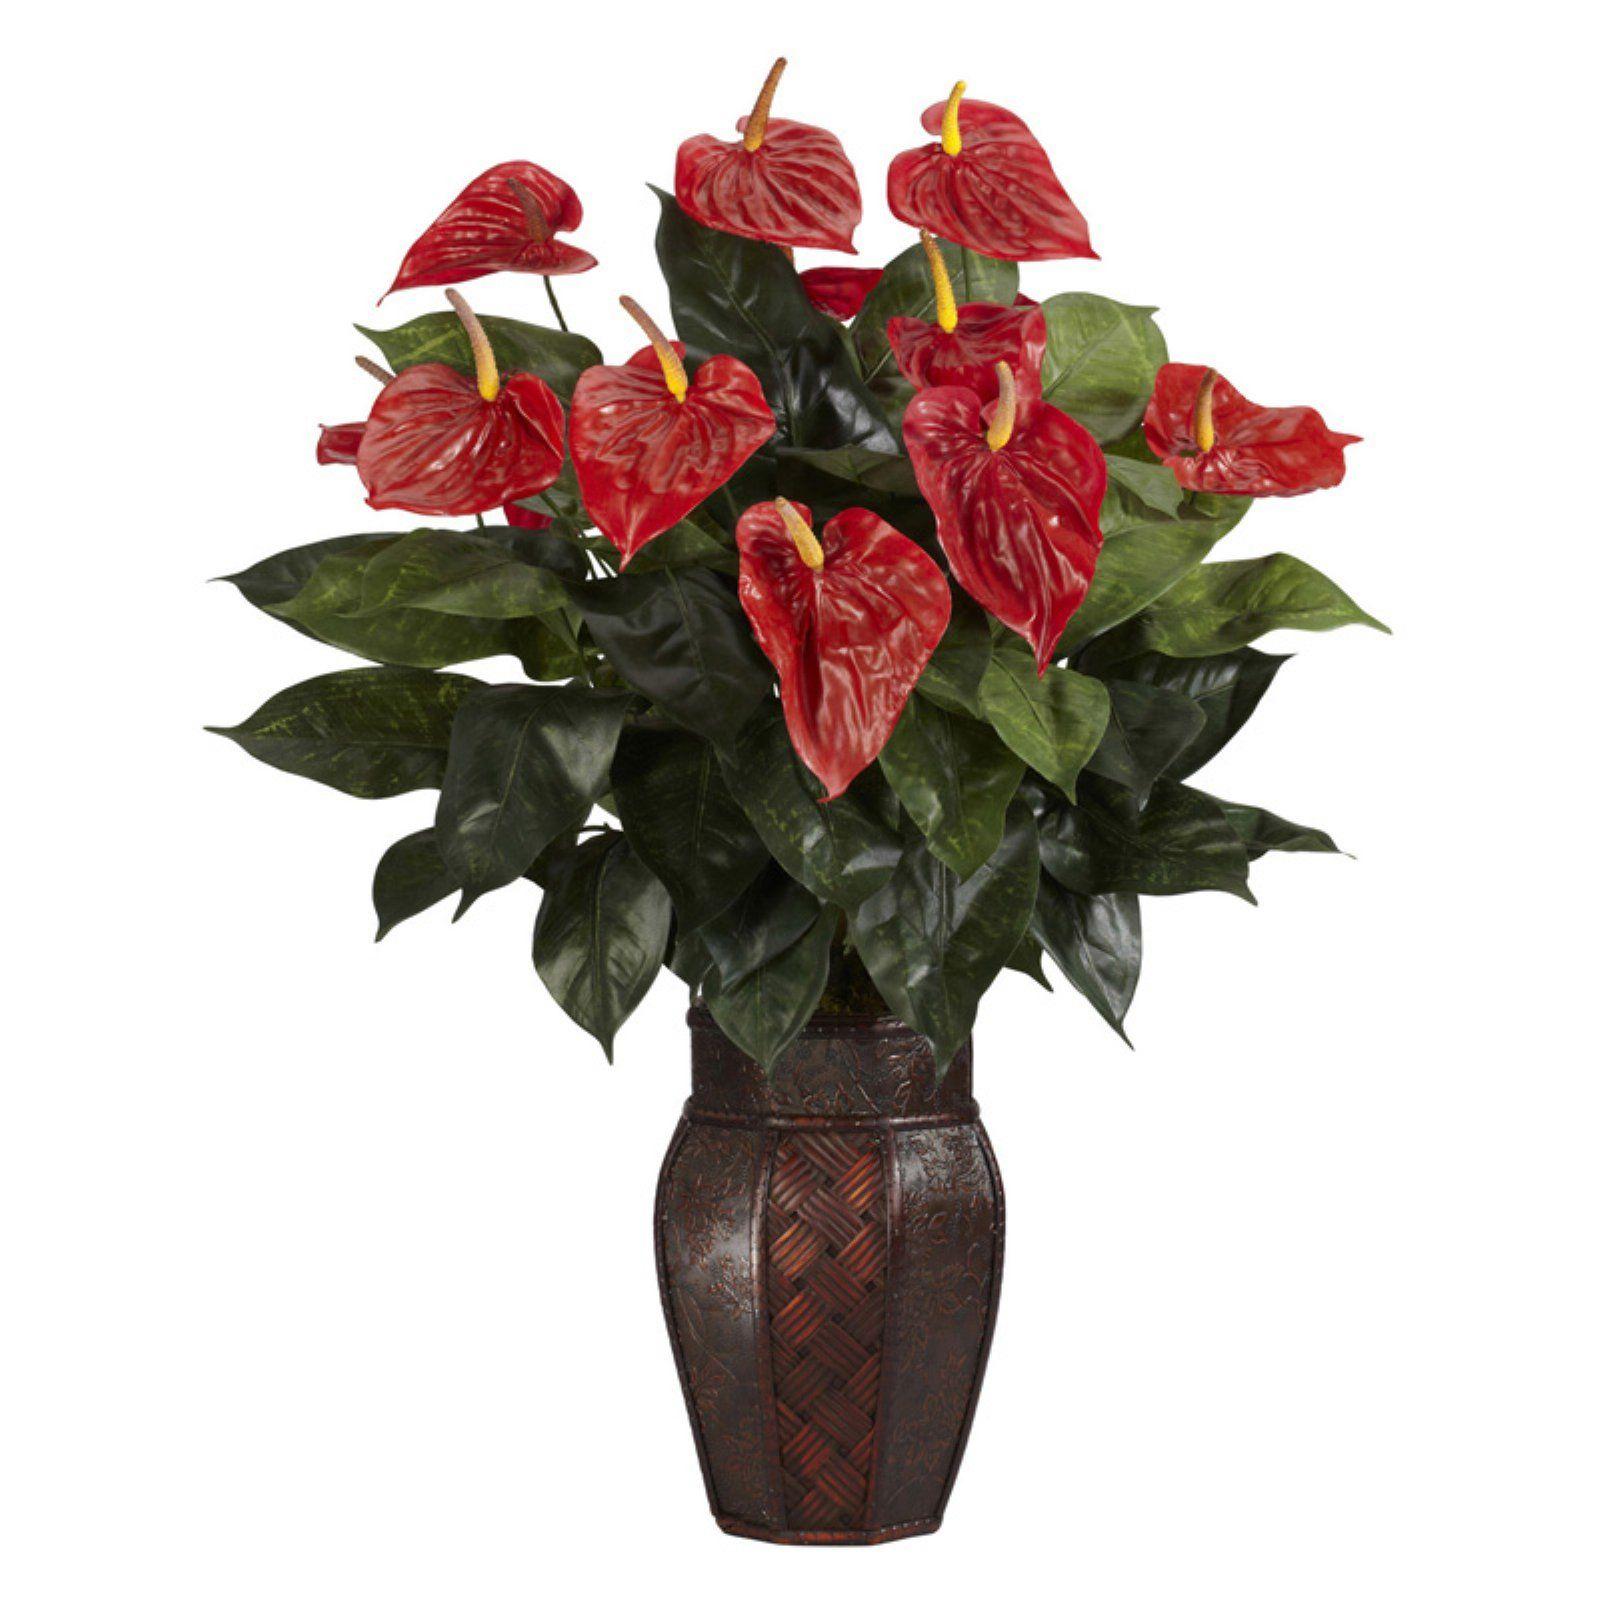 Anthurium With Vase Silk Plant Silk Plants Anthurium Plant Artificial Plant Arrangements